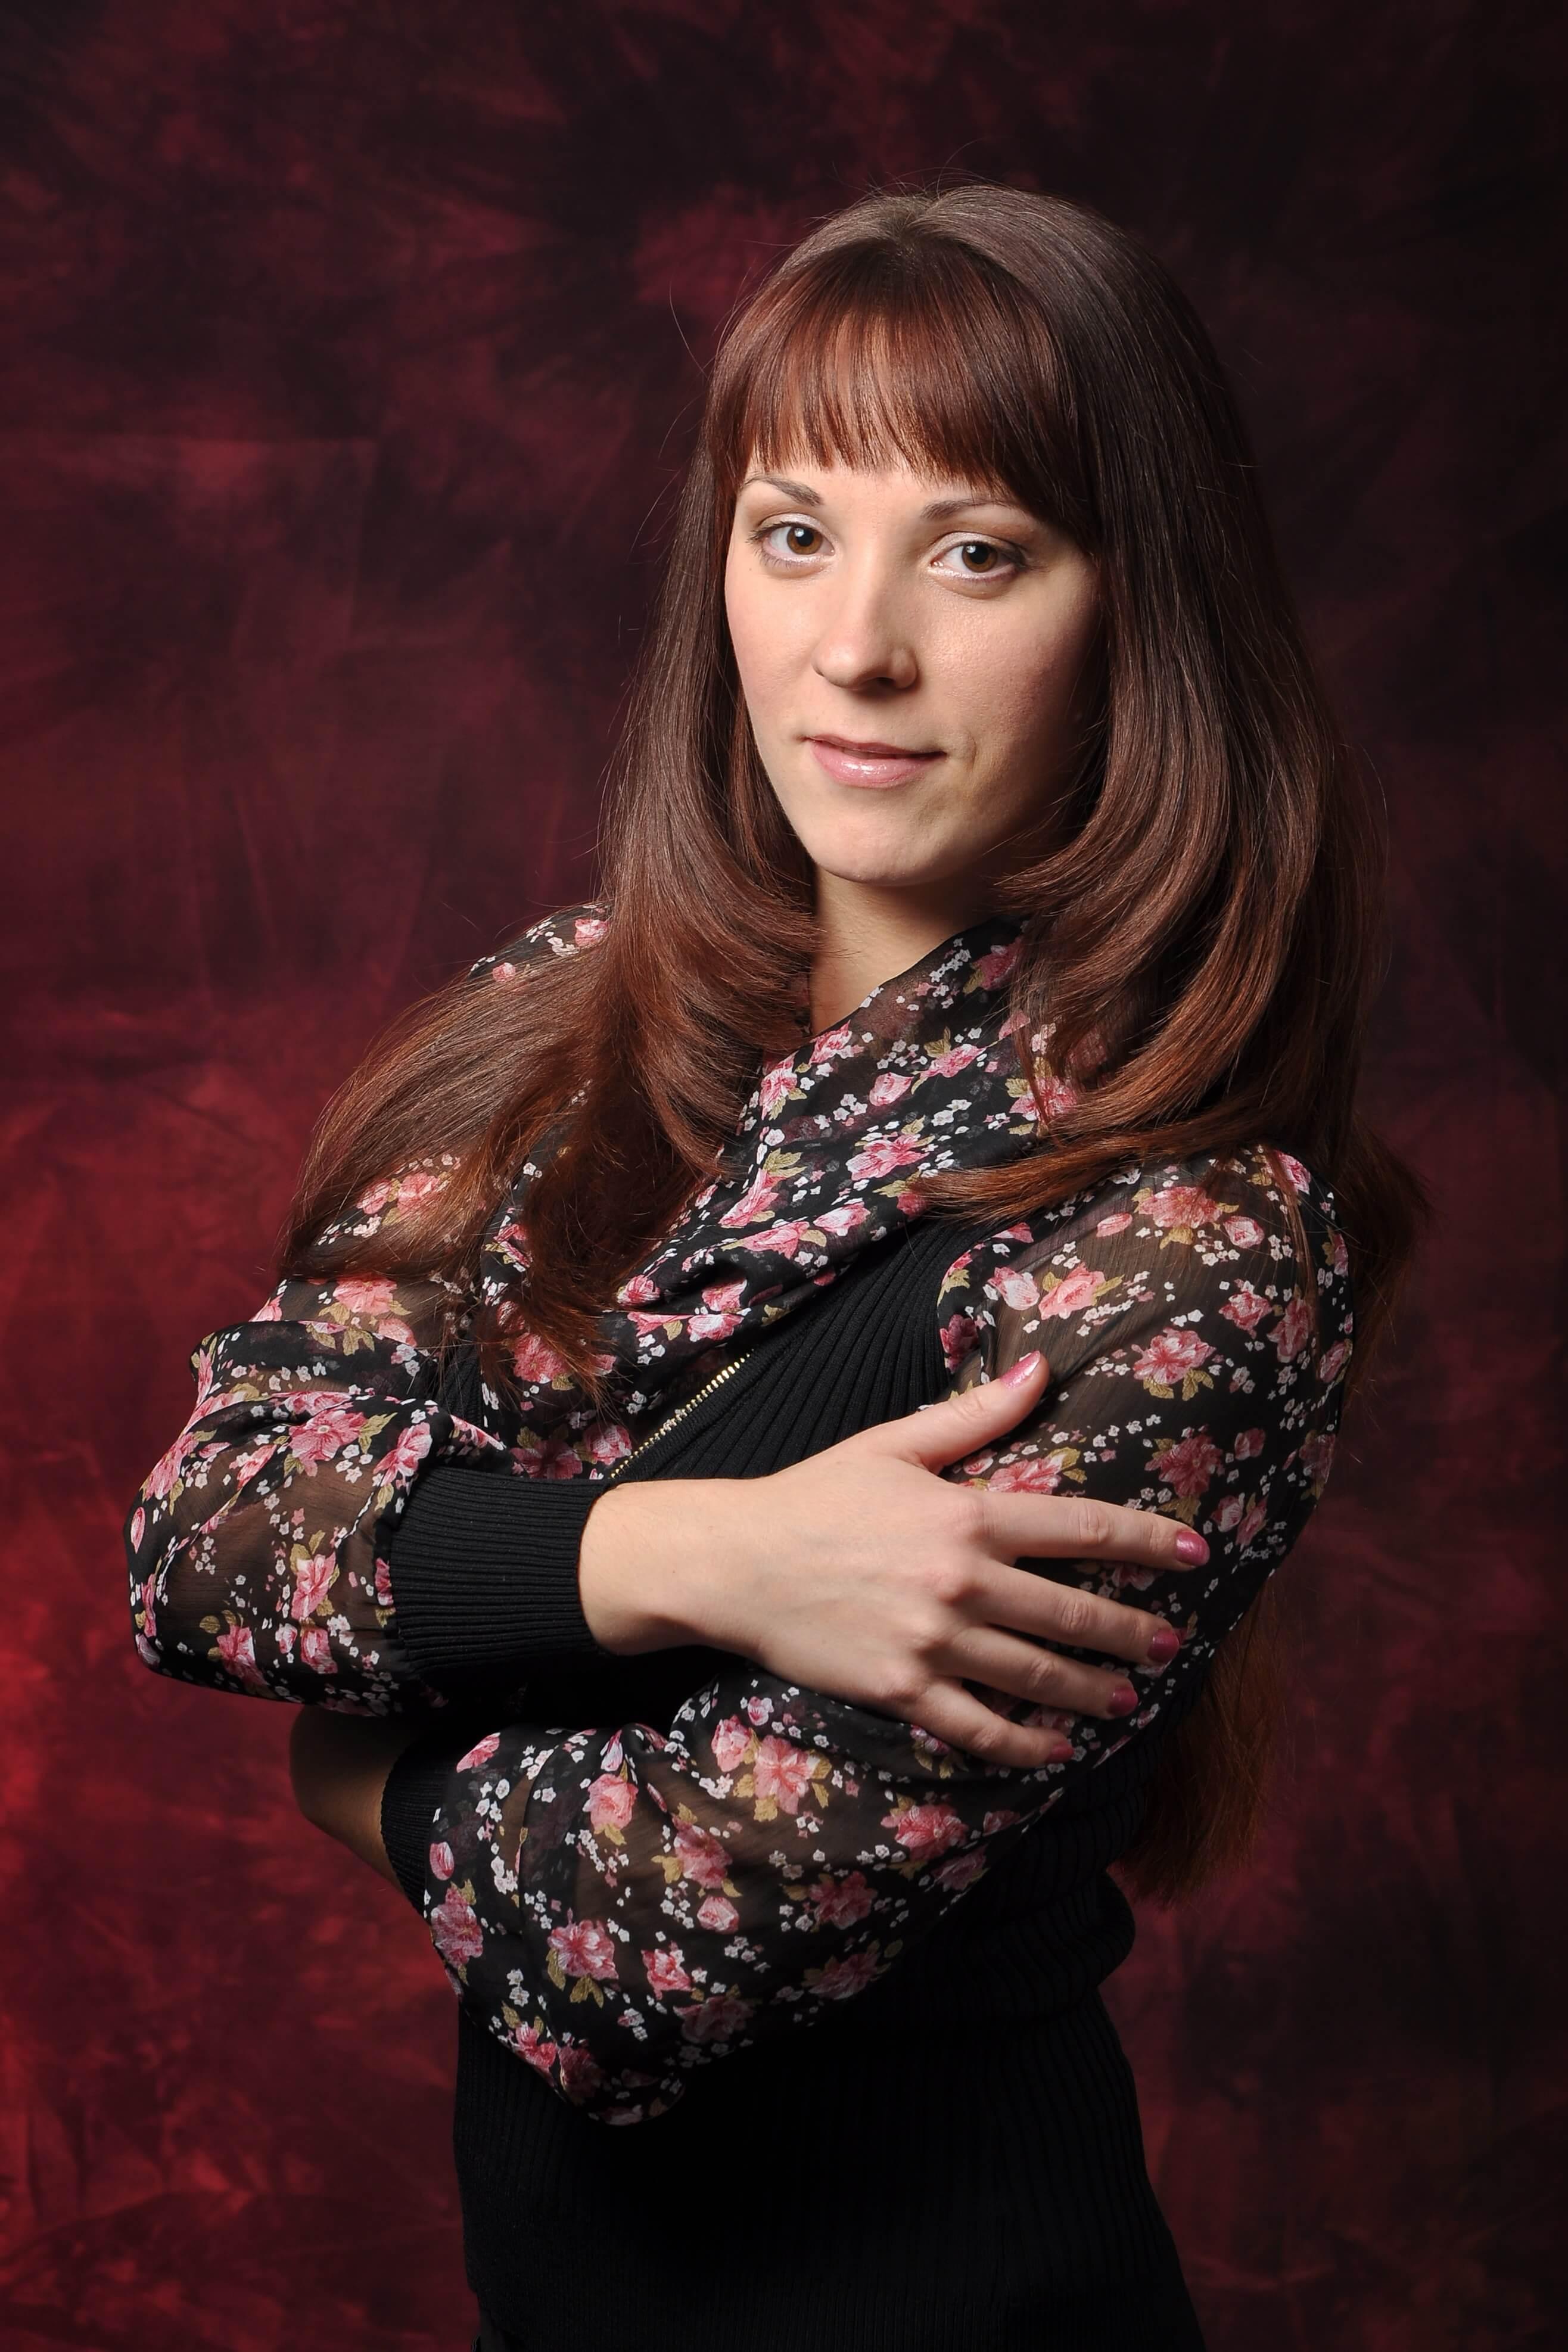 Мария Семкина – биография, фото, личная жизнь, новости ... | 3948x2632